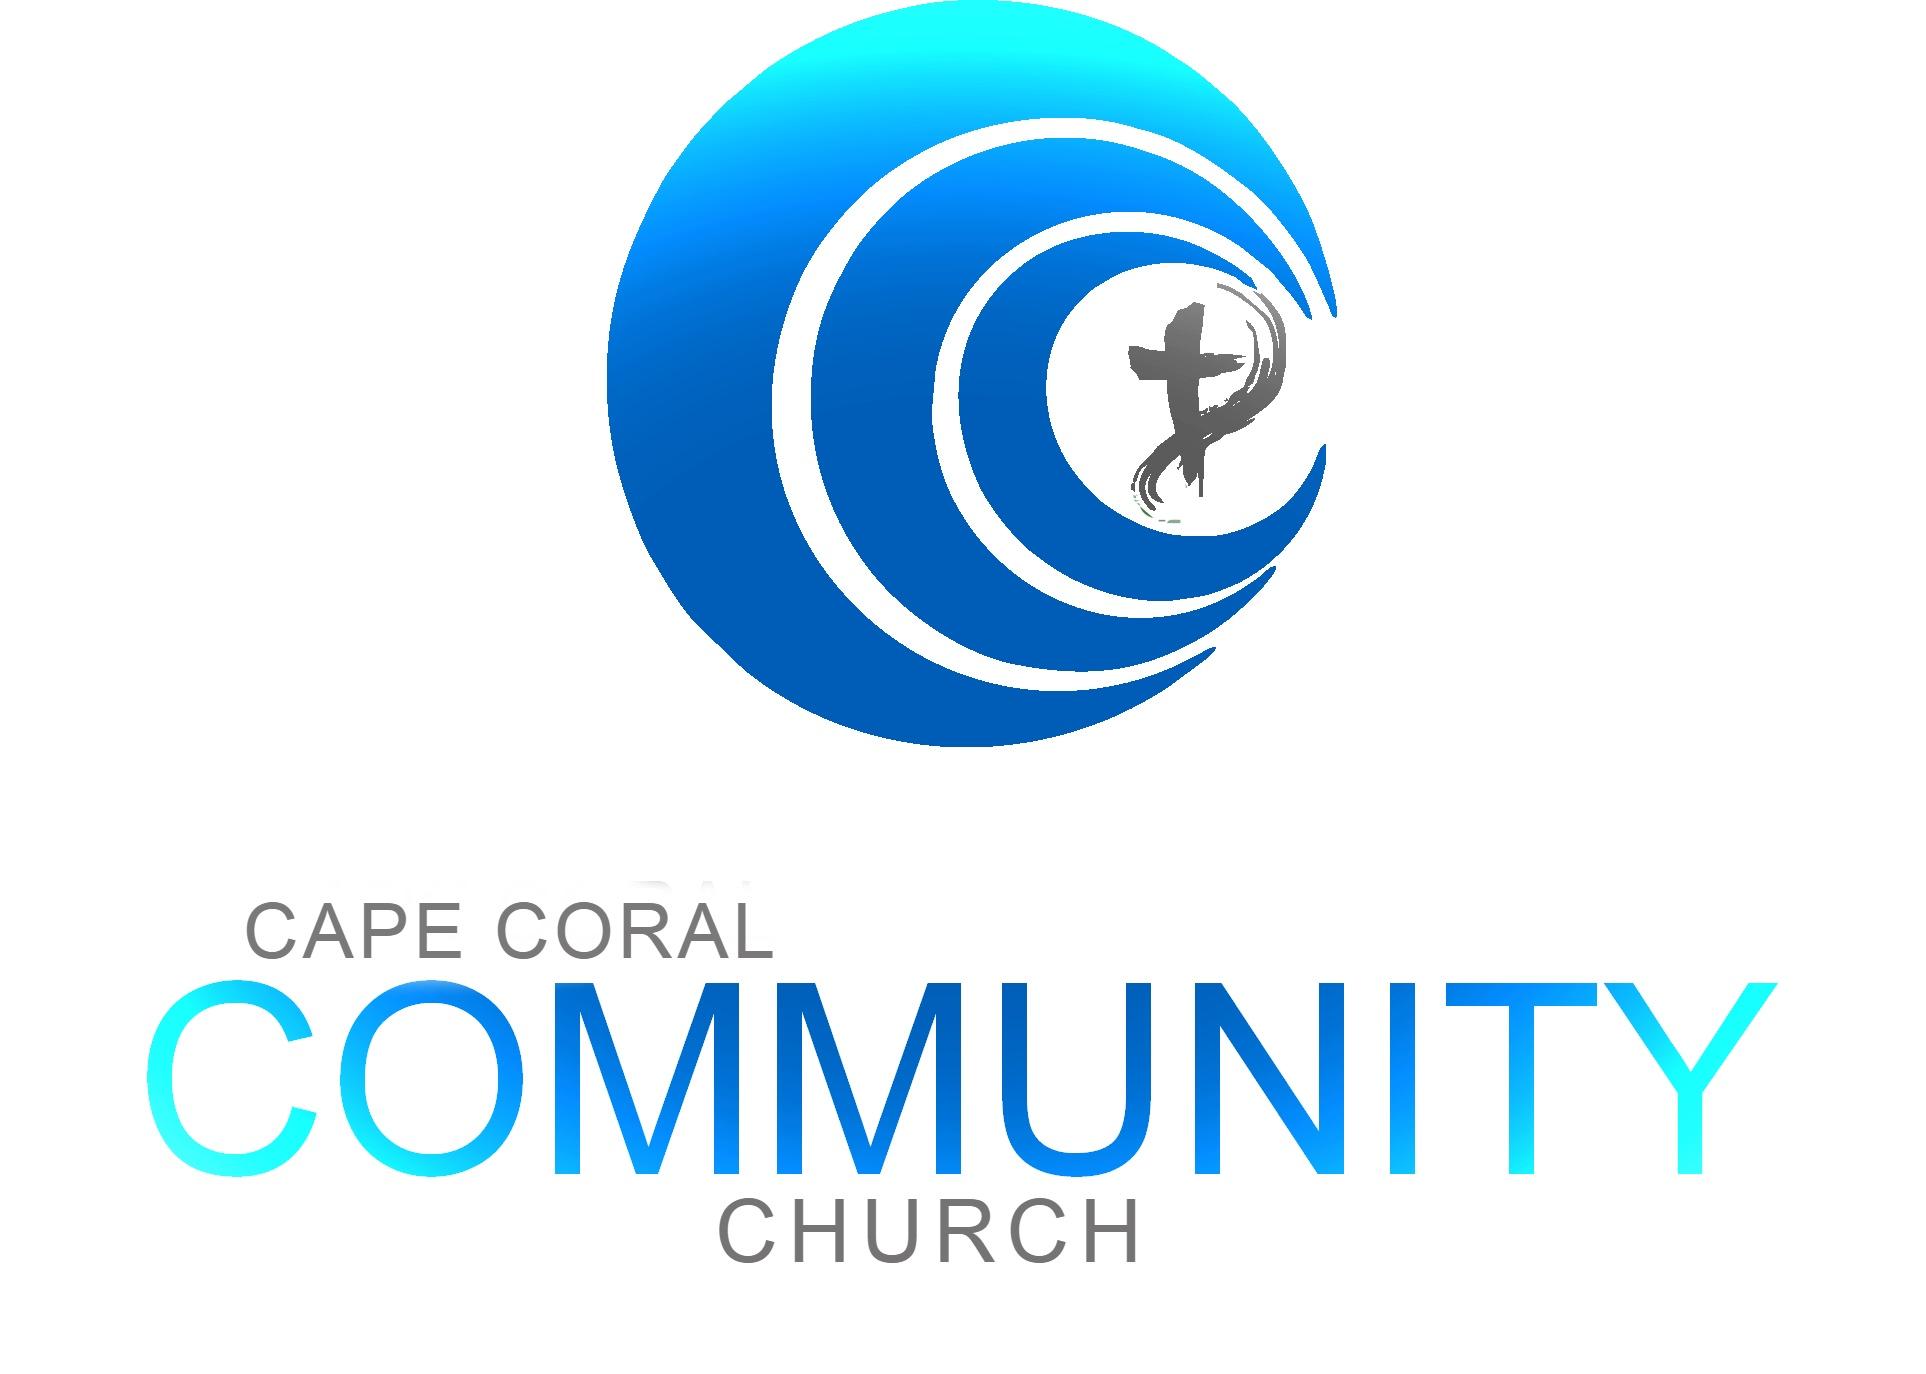 Cape Coral Community Church